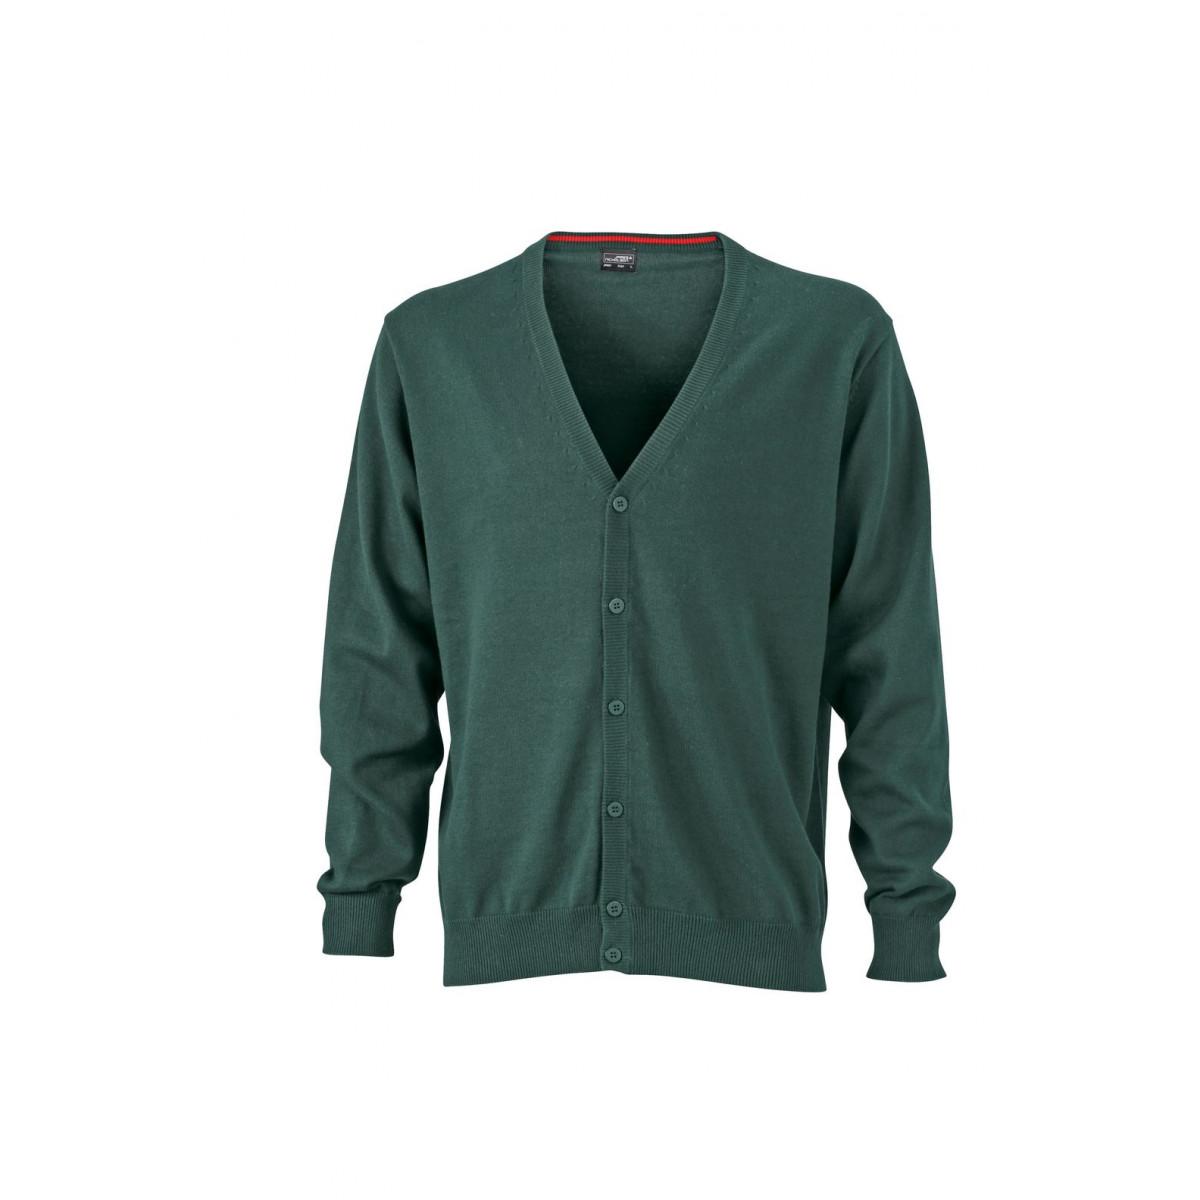 Кардиган мужской JN661 Mens V-Neck Cardigan - Темно-зеленый